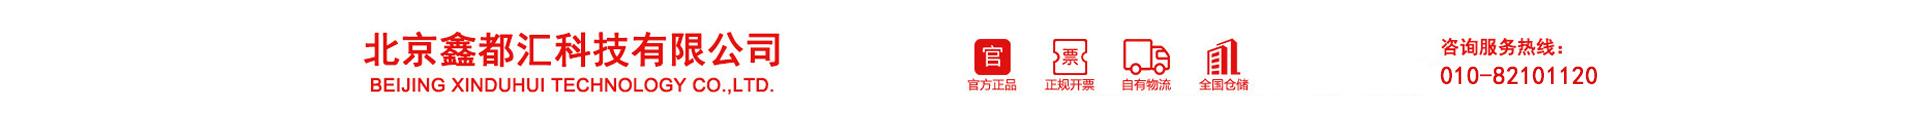 北京鑫都匯科技有限公司